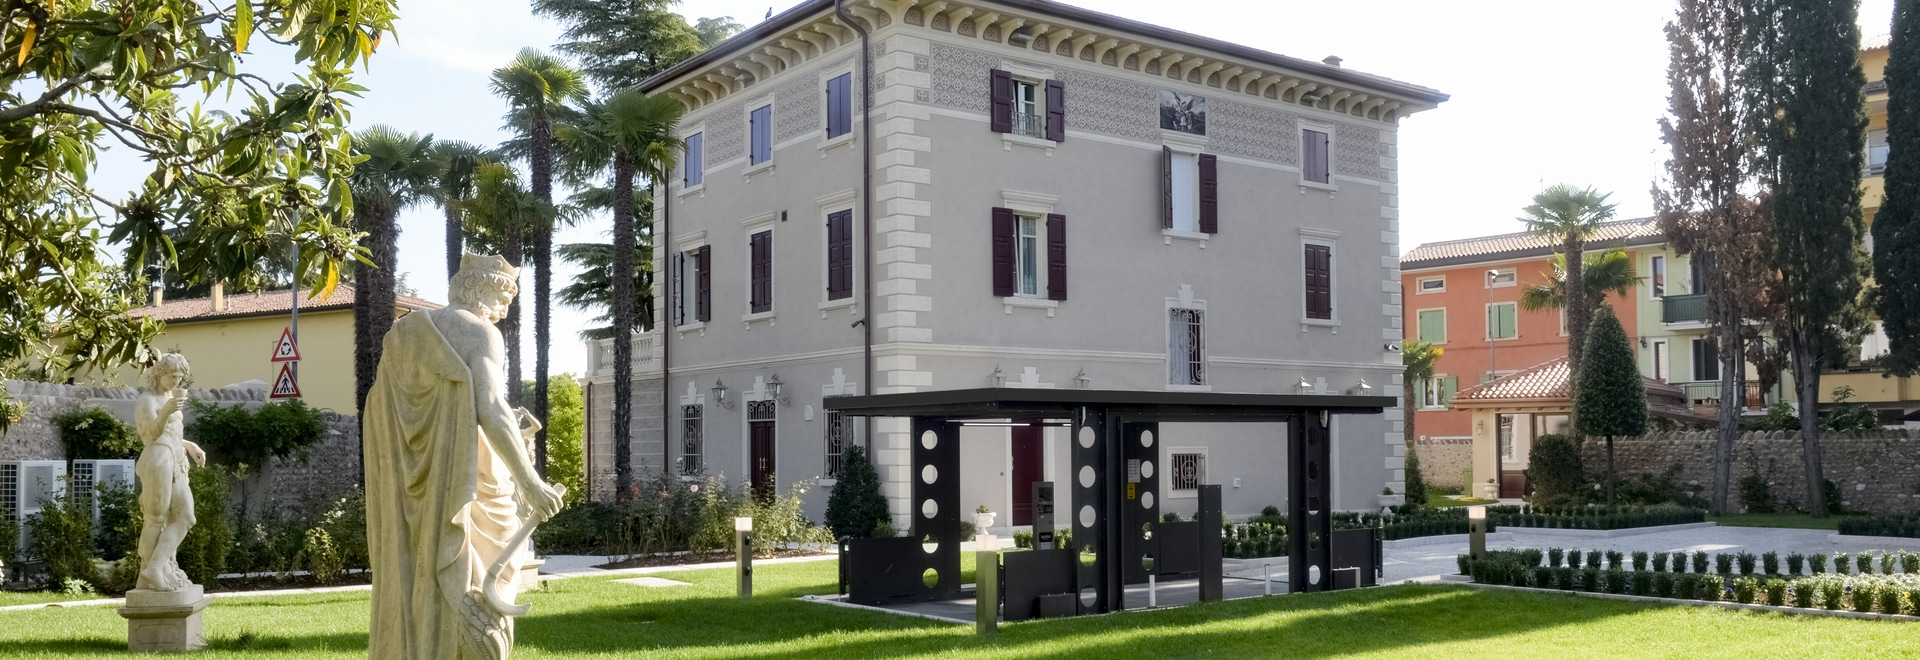 Garten der Freiheit Villa